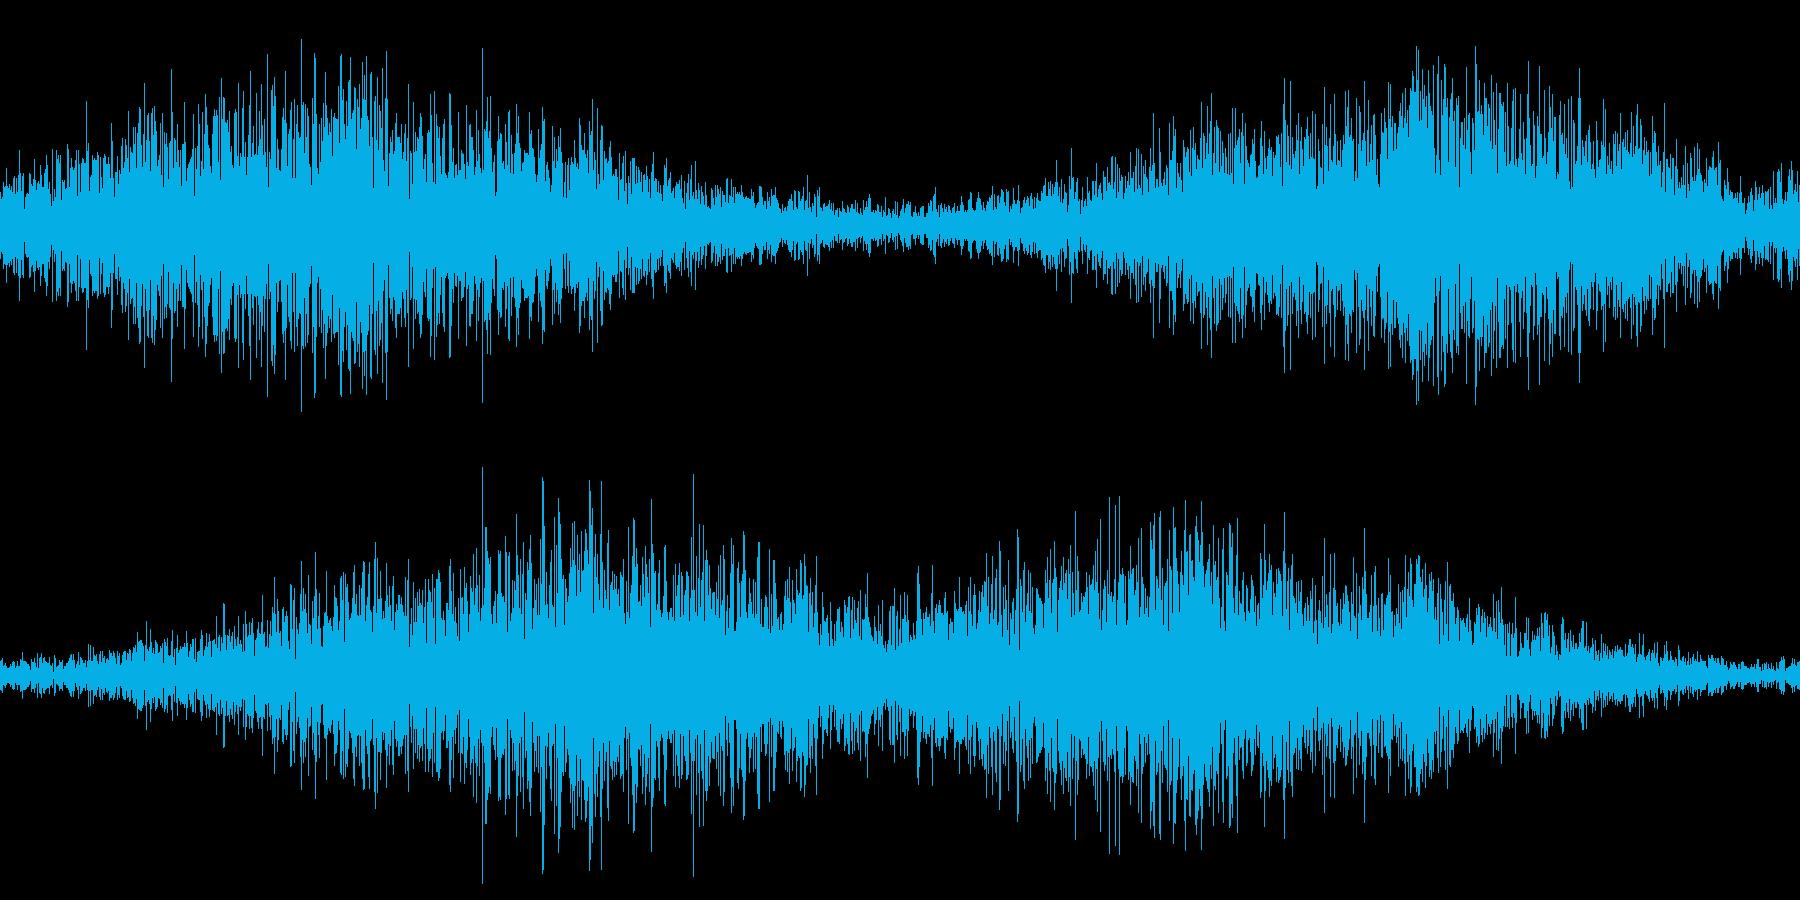 無限ループする地響き(左右揺れ)の再生済みの波形